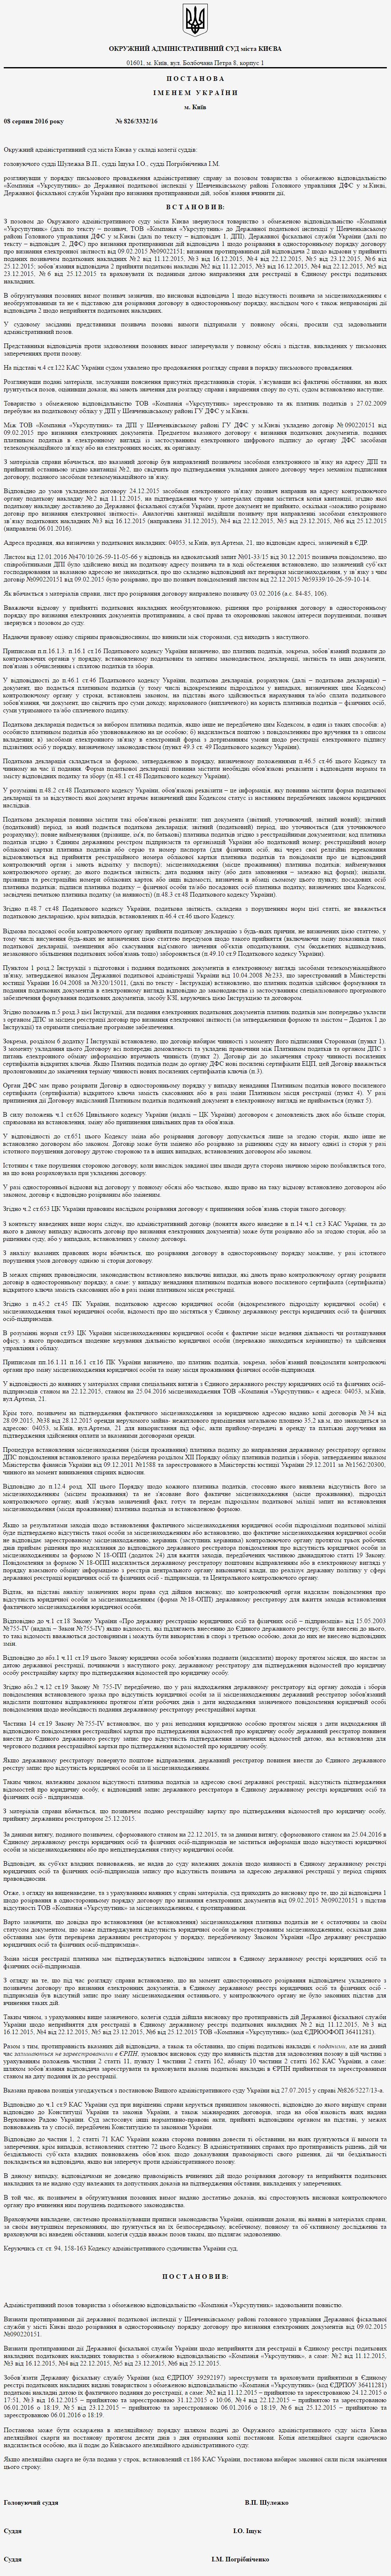 образец искового заявления в суд об обжалования акта налоговой проверки